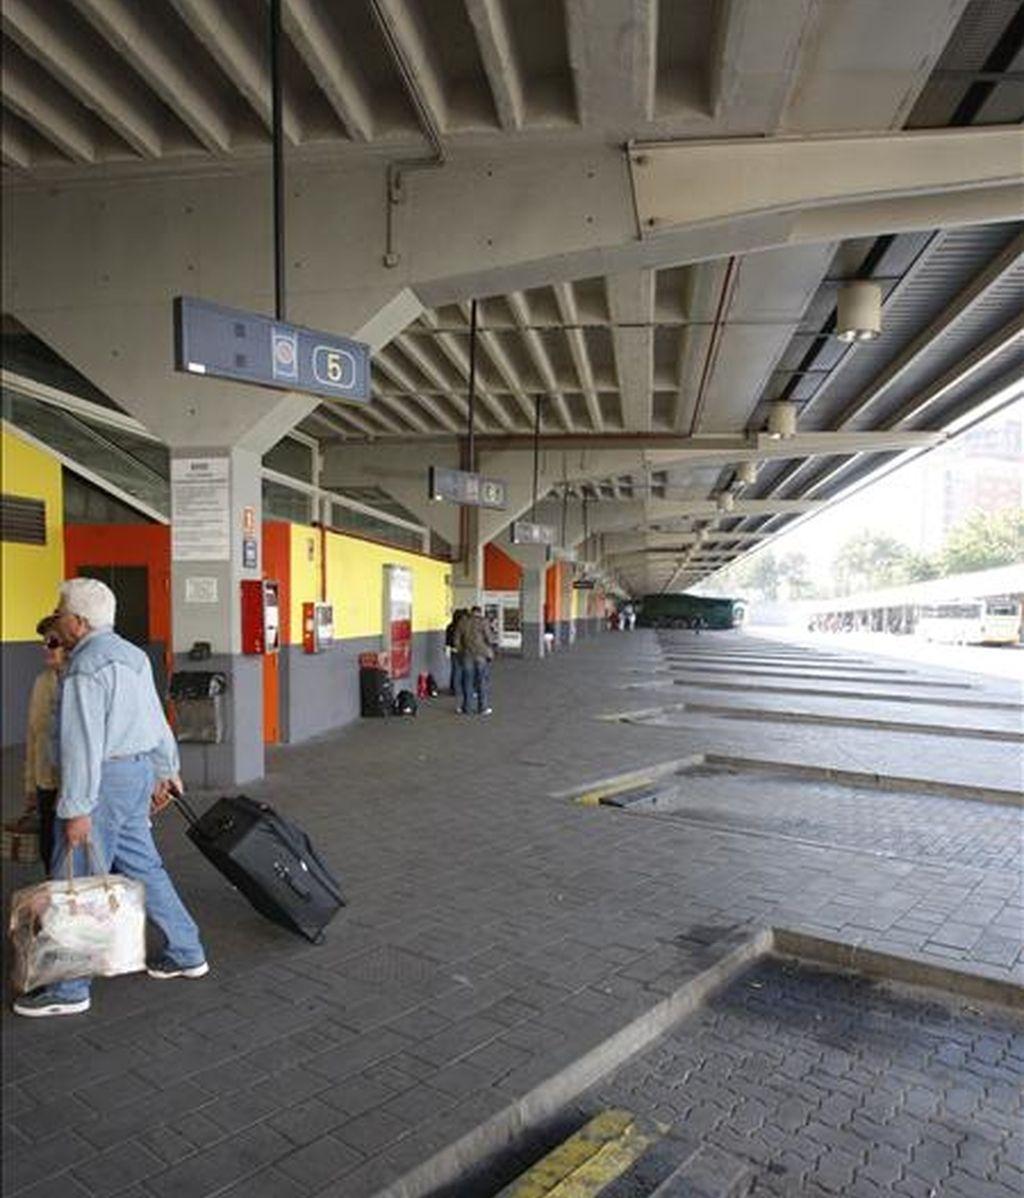 Las dársenas de la Estación de Autobuses de Méndez Álvaro, en una jornaa de huelga. EFE/Archivo